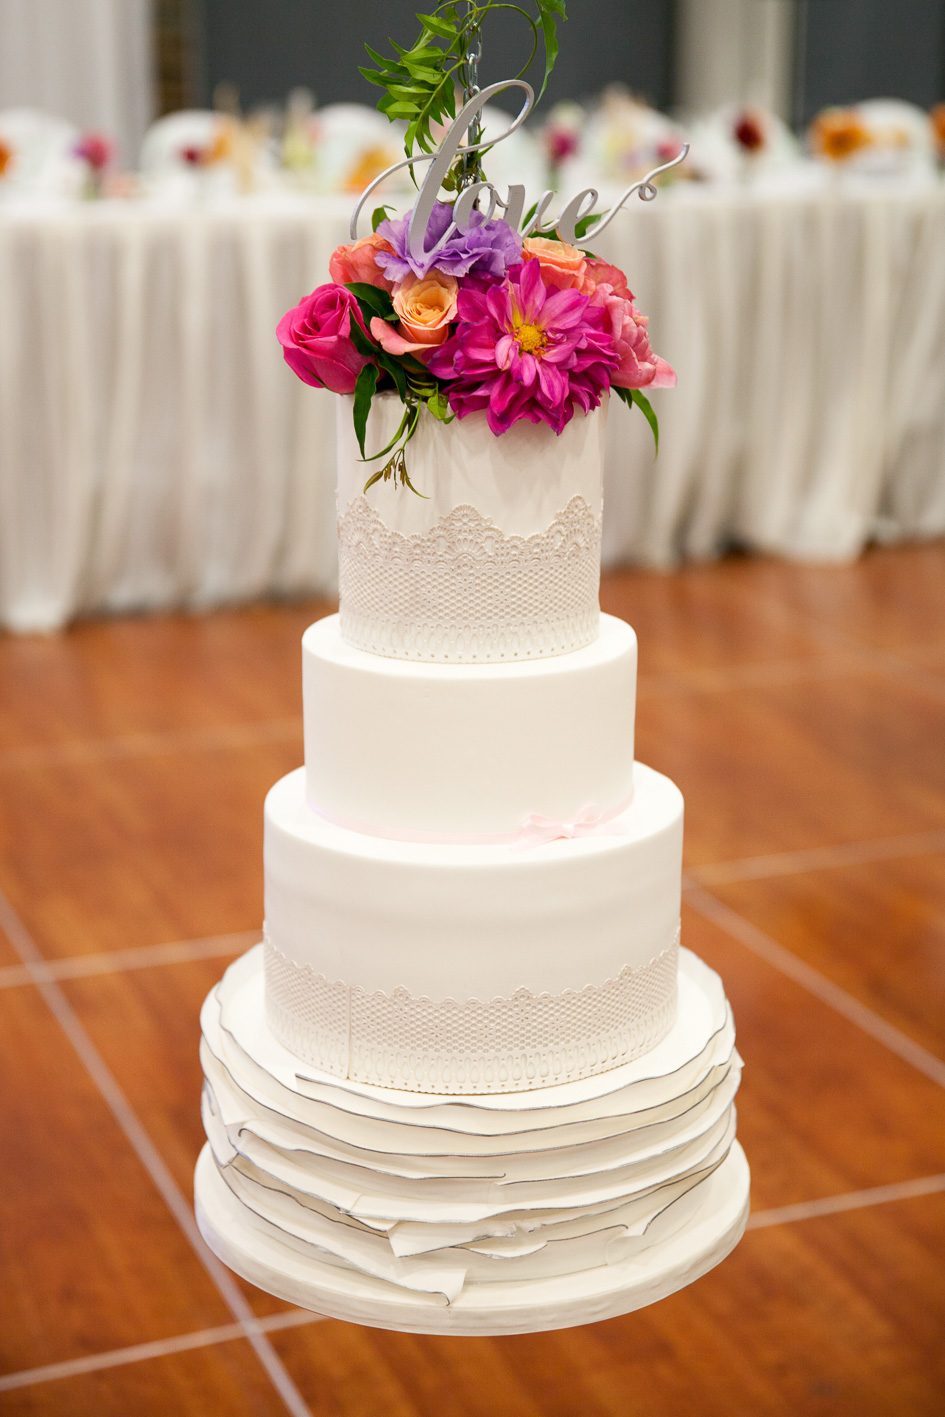 Directory of Wedding Cake Vendors in Australia | Bridestory.com